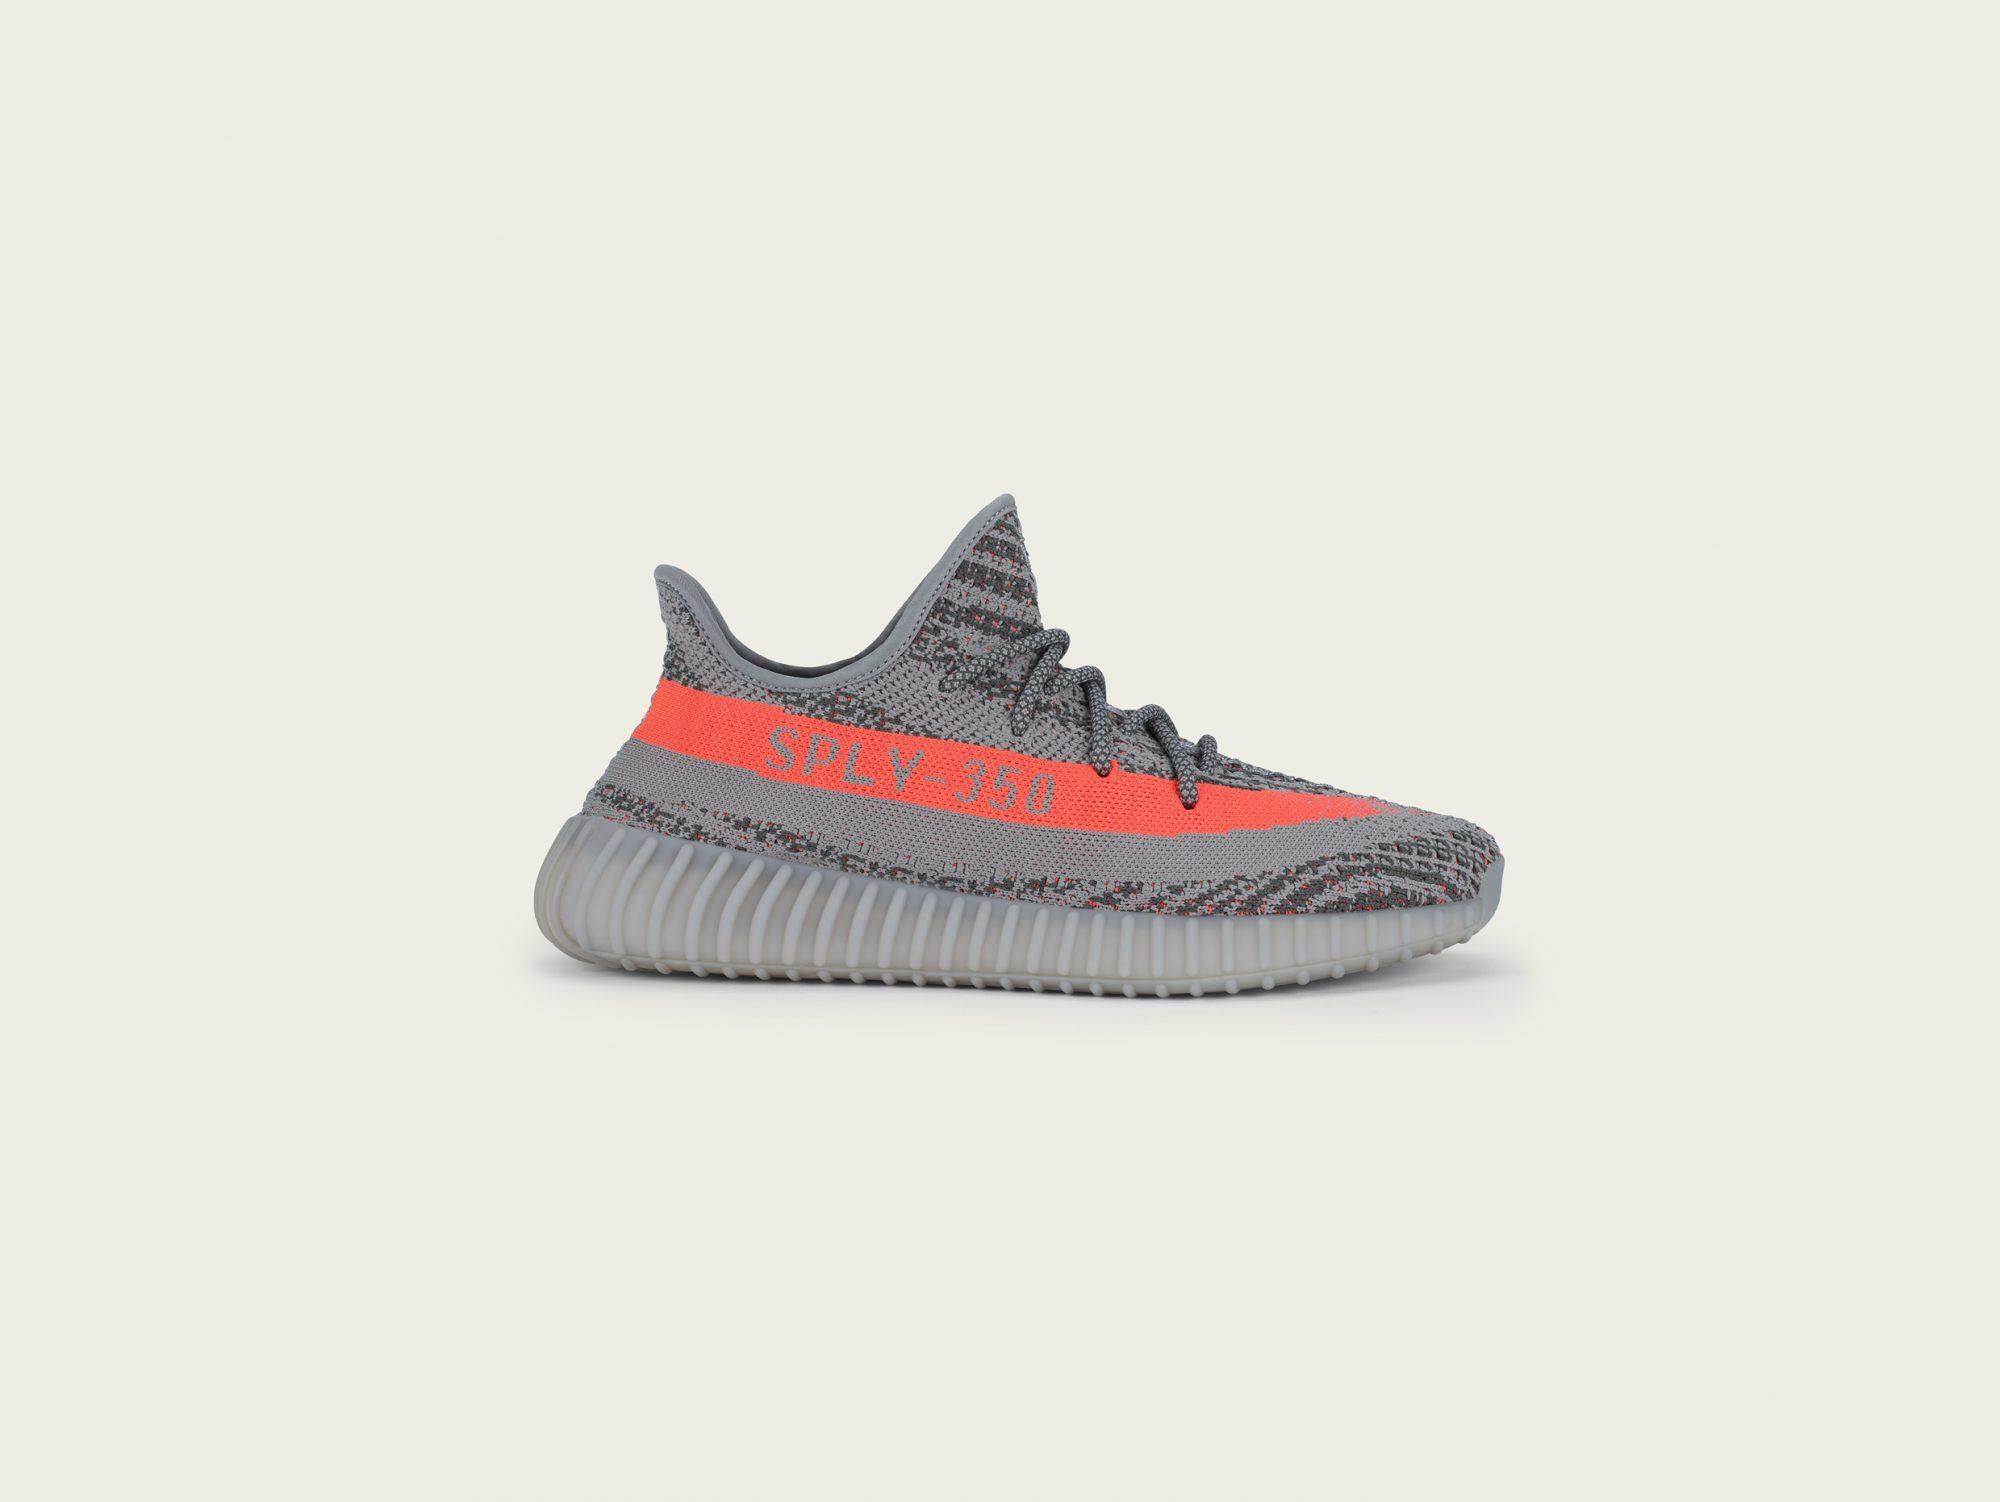 adidas-originals-by-kanye-west-yeezy-boost-350-v2_ntd8800%e7%94%b7%e5%a5%b3%e9%9e%8b%e6%ac%be-1